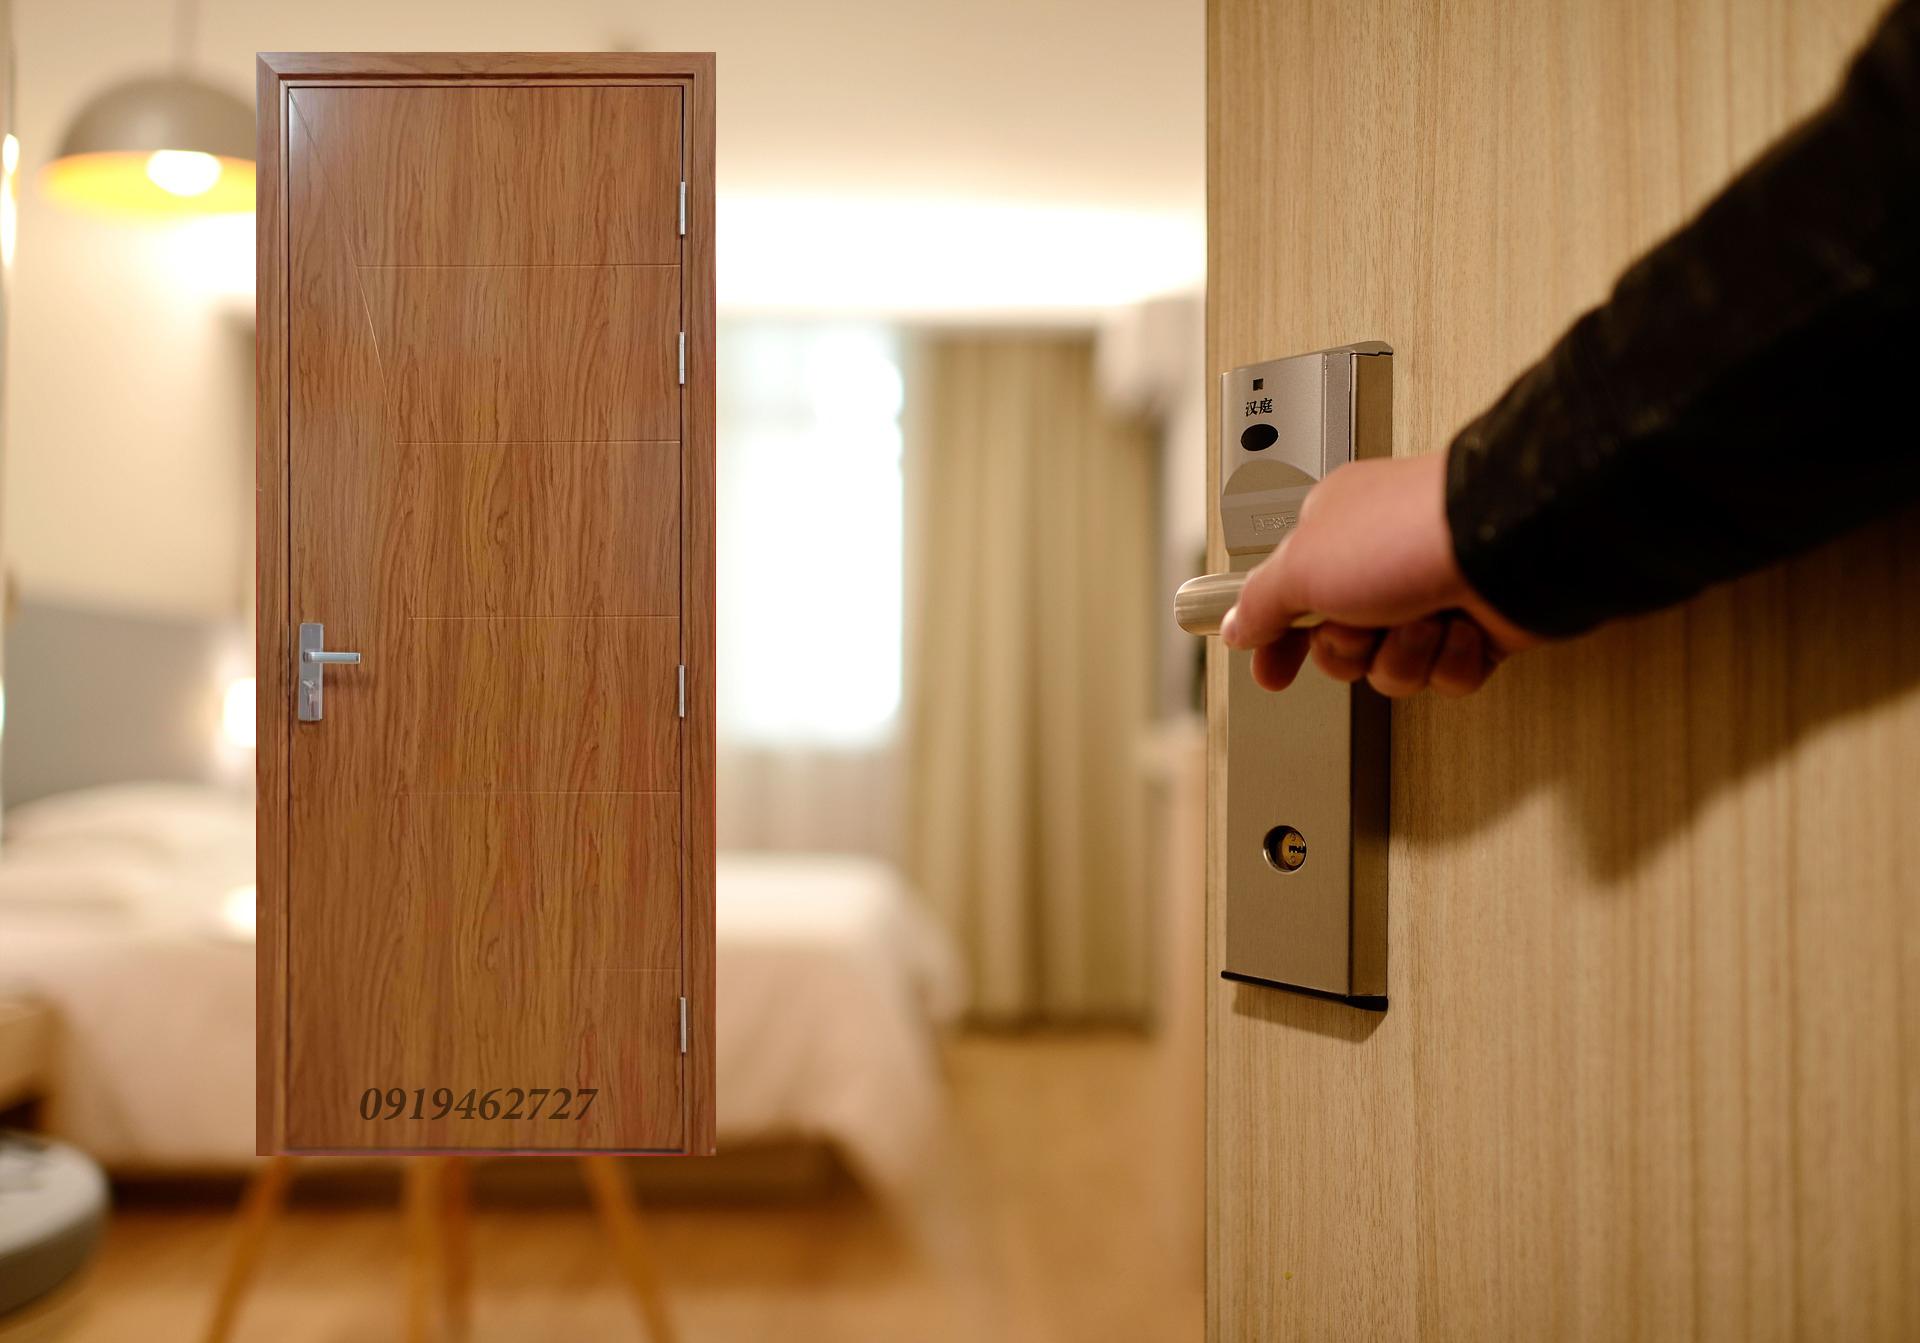 Cửa nhựa gỗ Composite sơn dành cho phòng ngủ